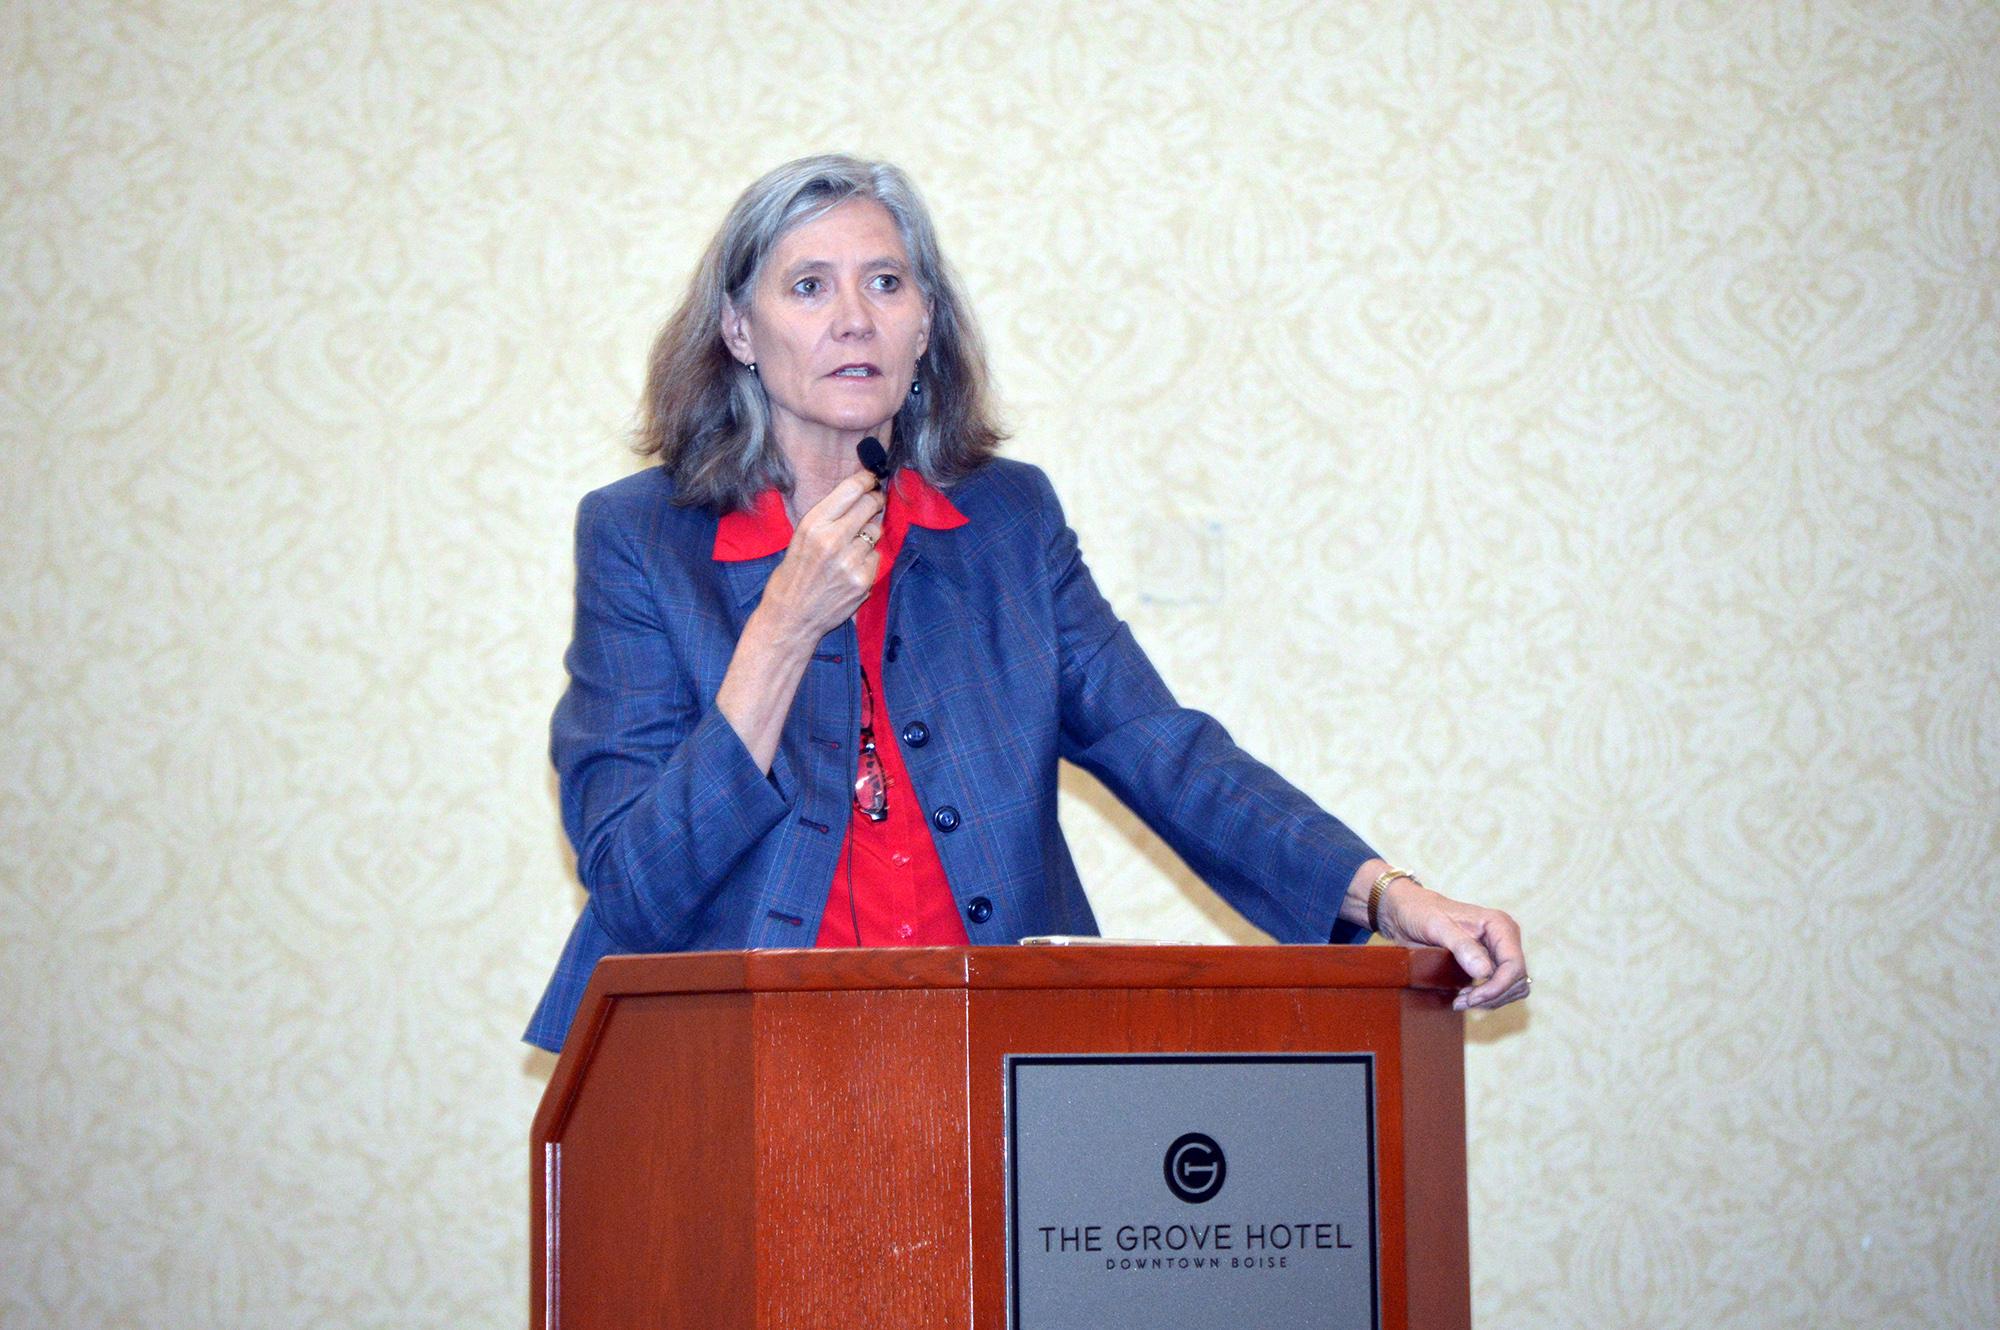 Elaine Clegg